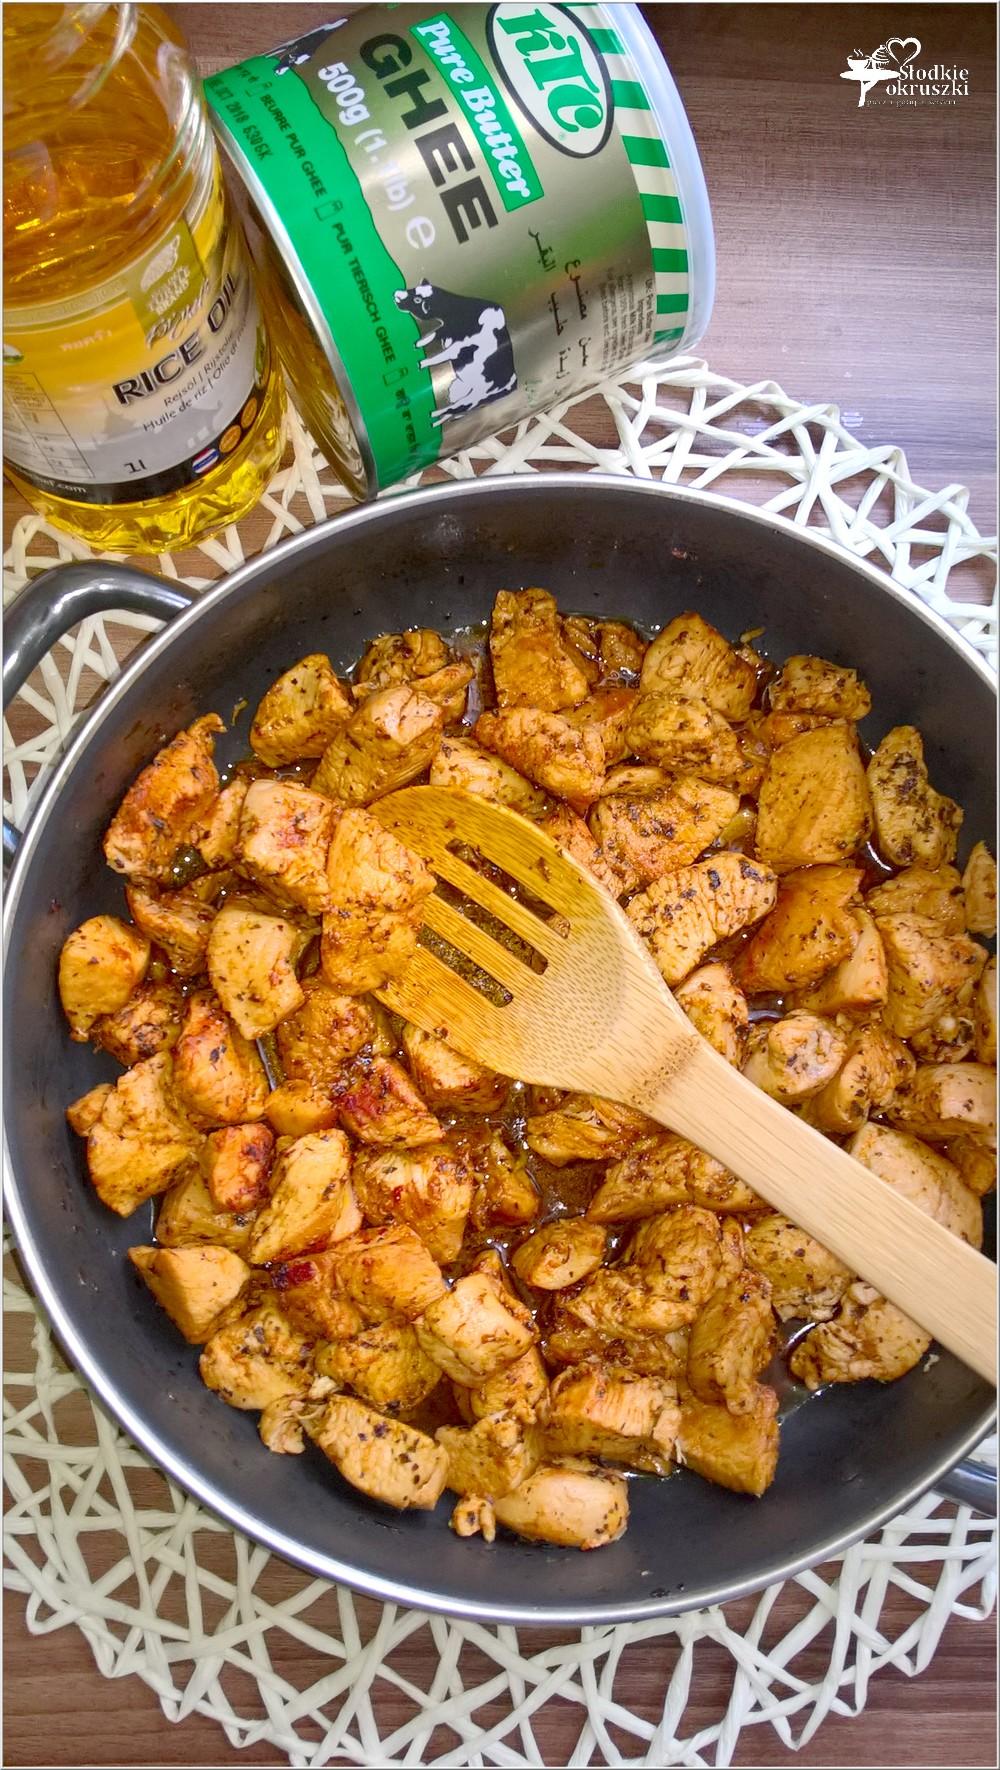 Soczyste kawałki kurczaka. Obiad w kilka chwil (2)